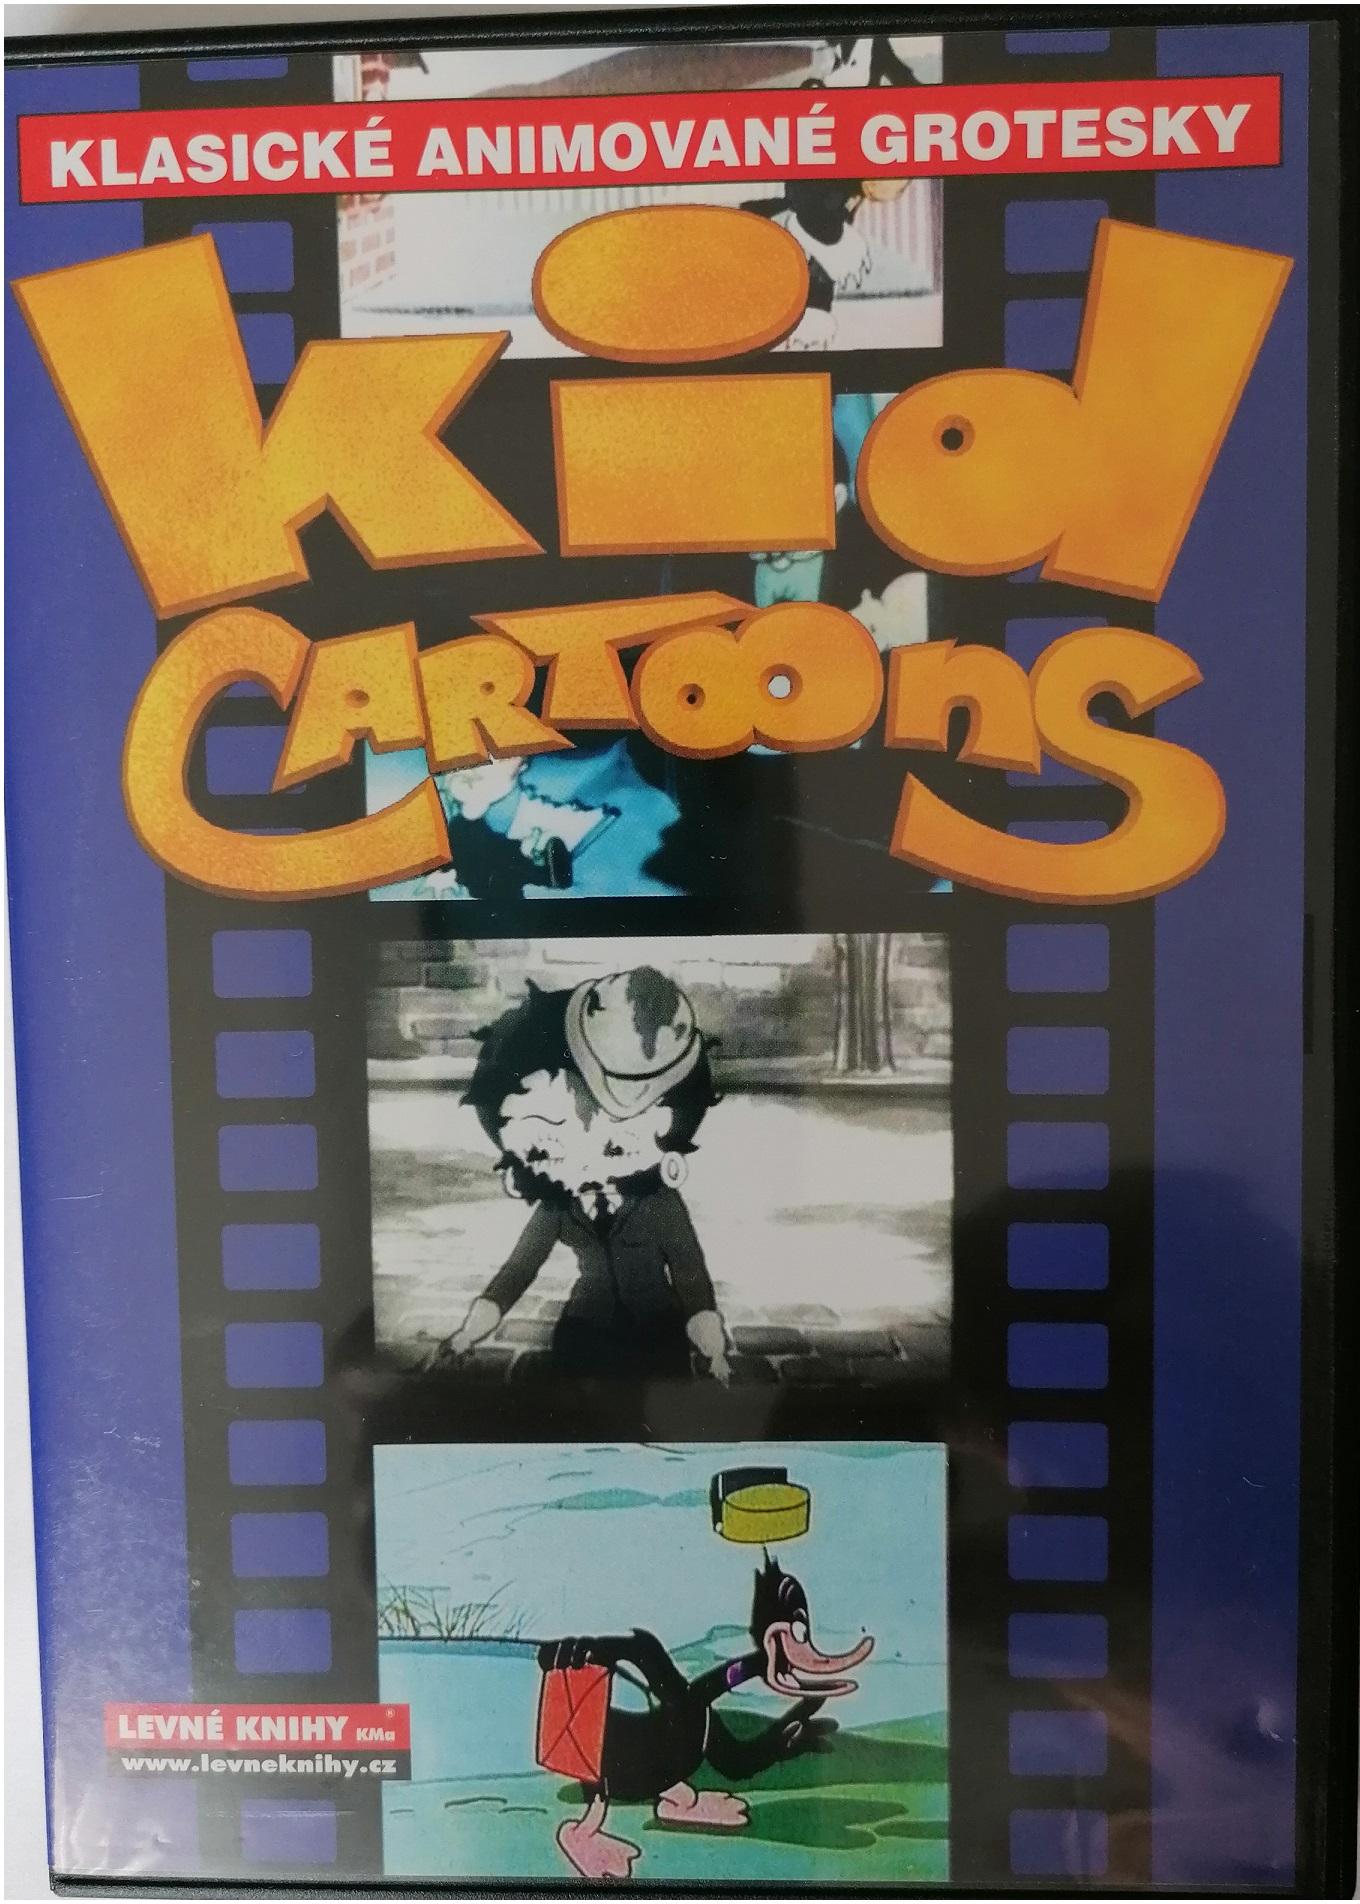 Klasické animované grotesky - Kid cartoons - DVD plast ( modré )